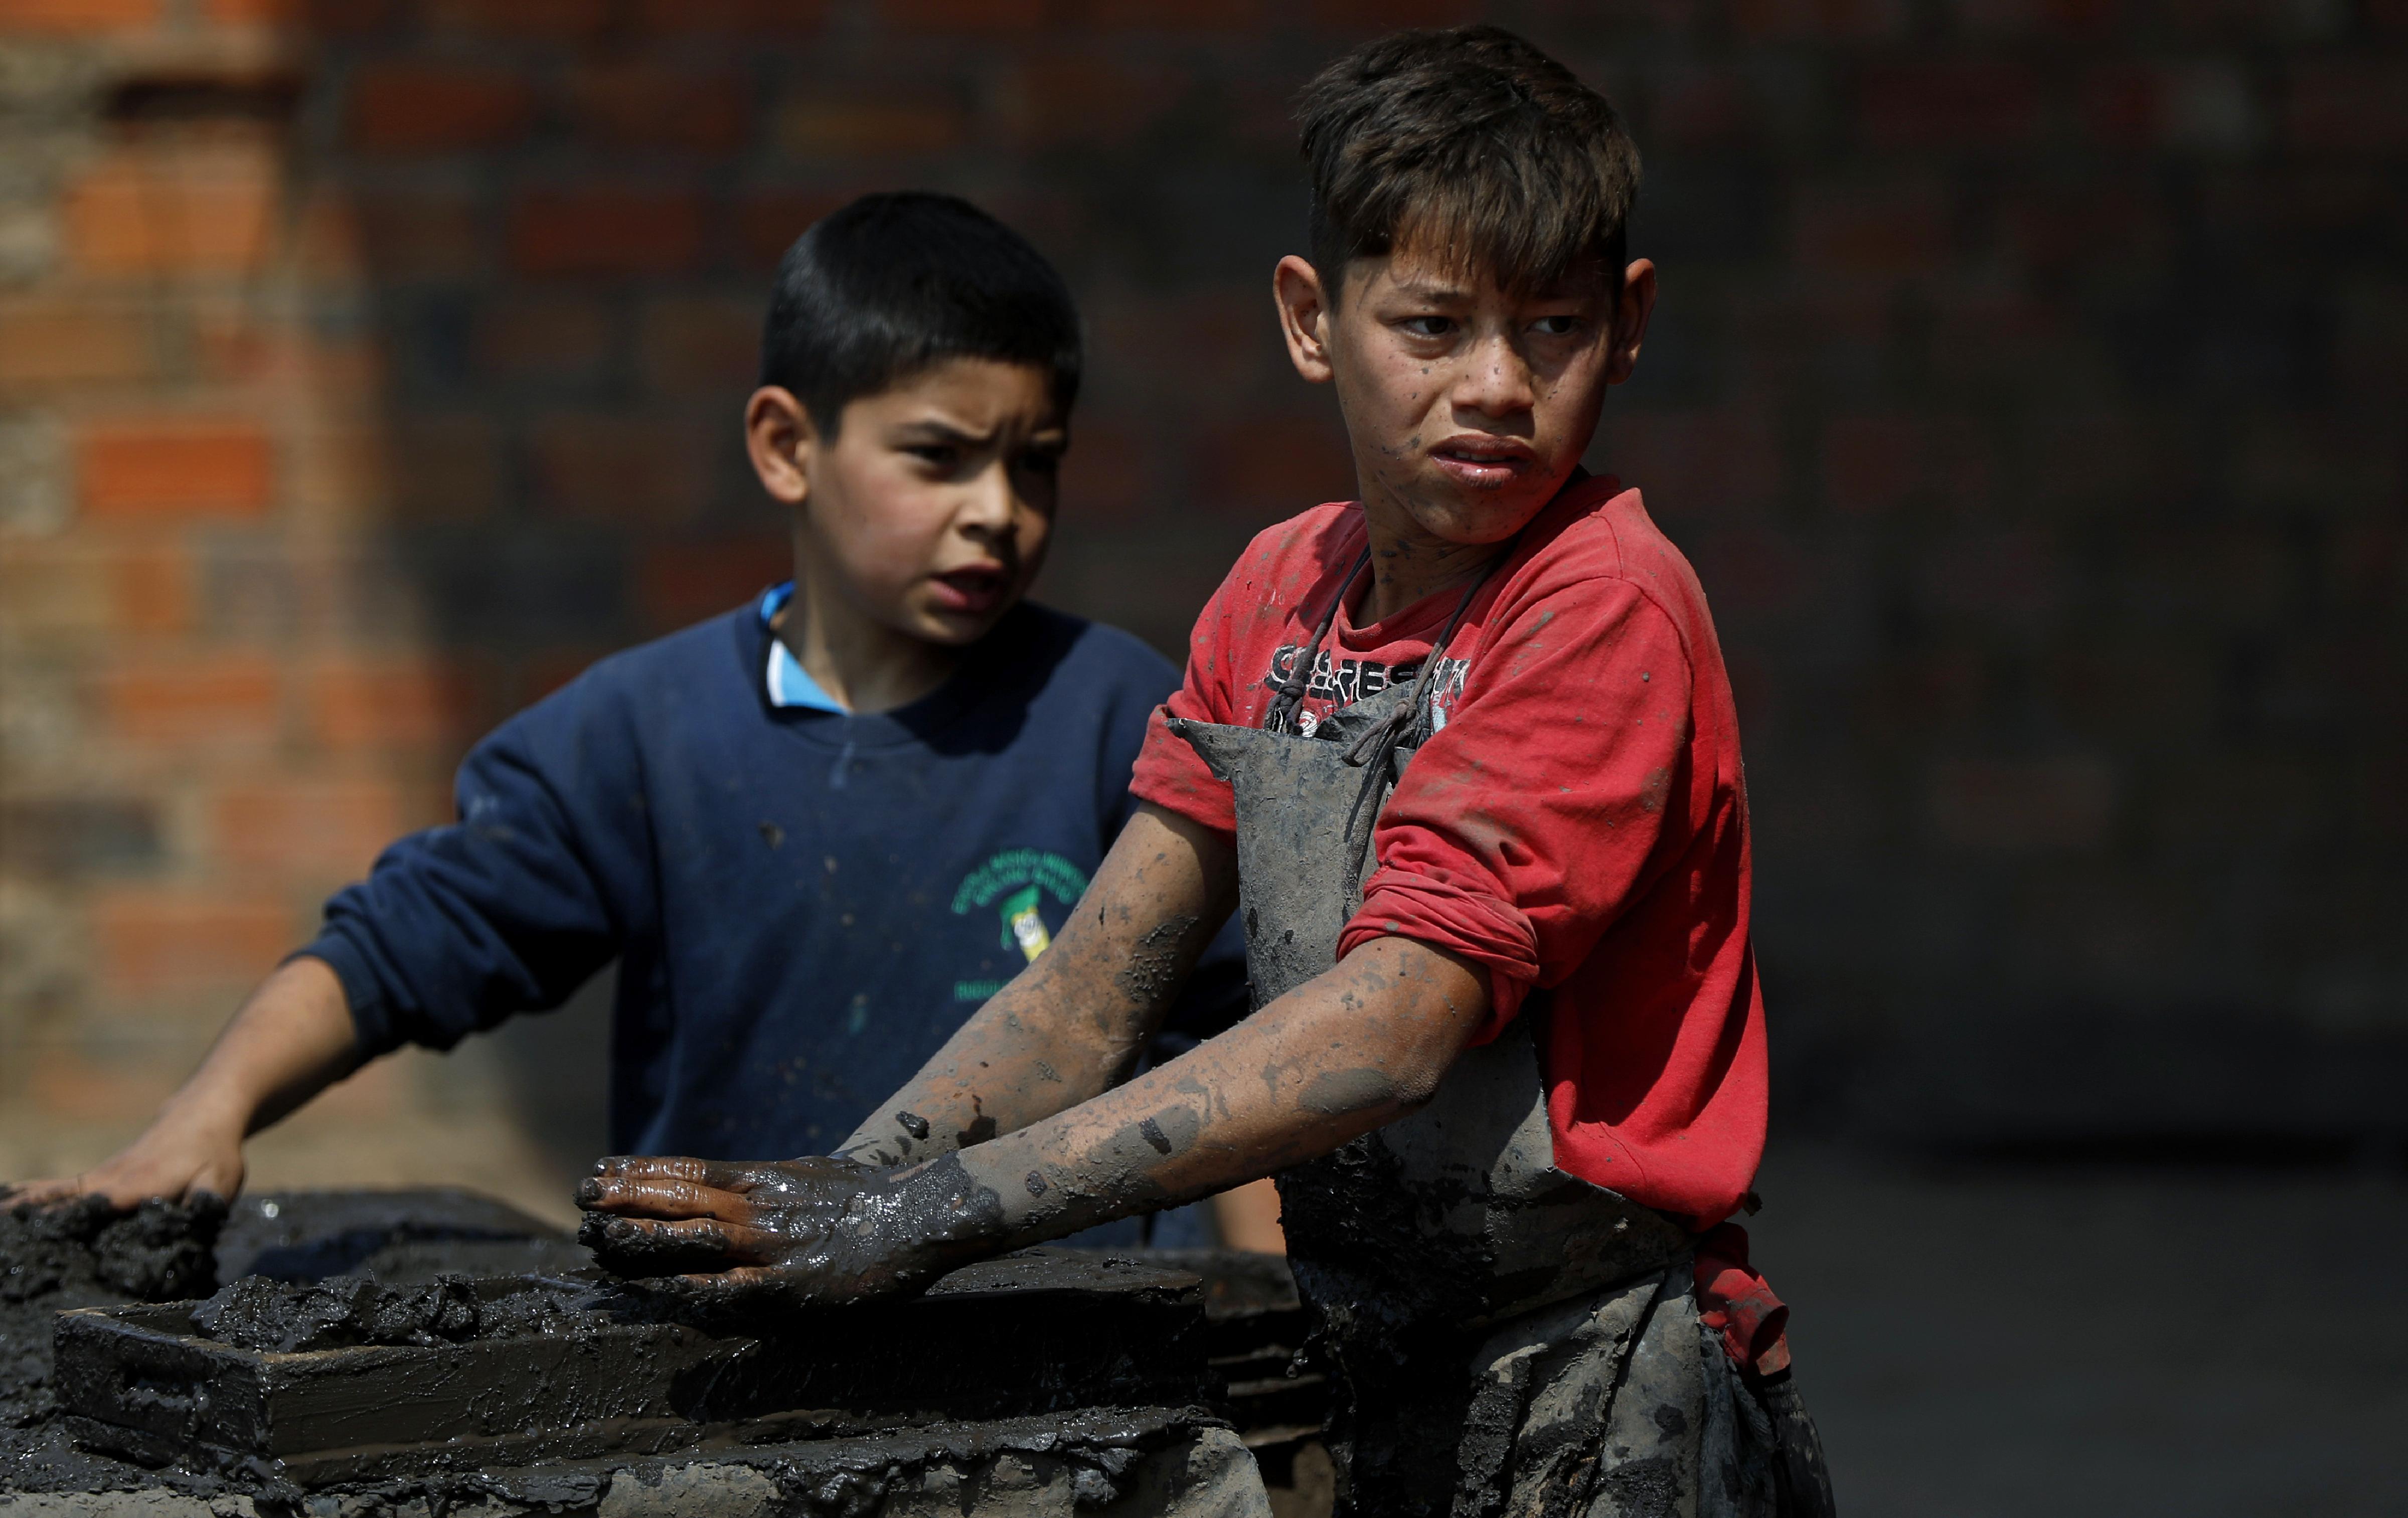 Mauri, 11, izquierda, y Cesar, 13, trabajan en una fábrica de ladrillos de arcilla en Tobati, Paraguay, el viernes 4 de septiembre de 2020.